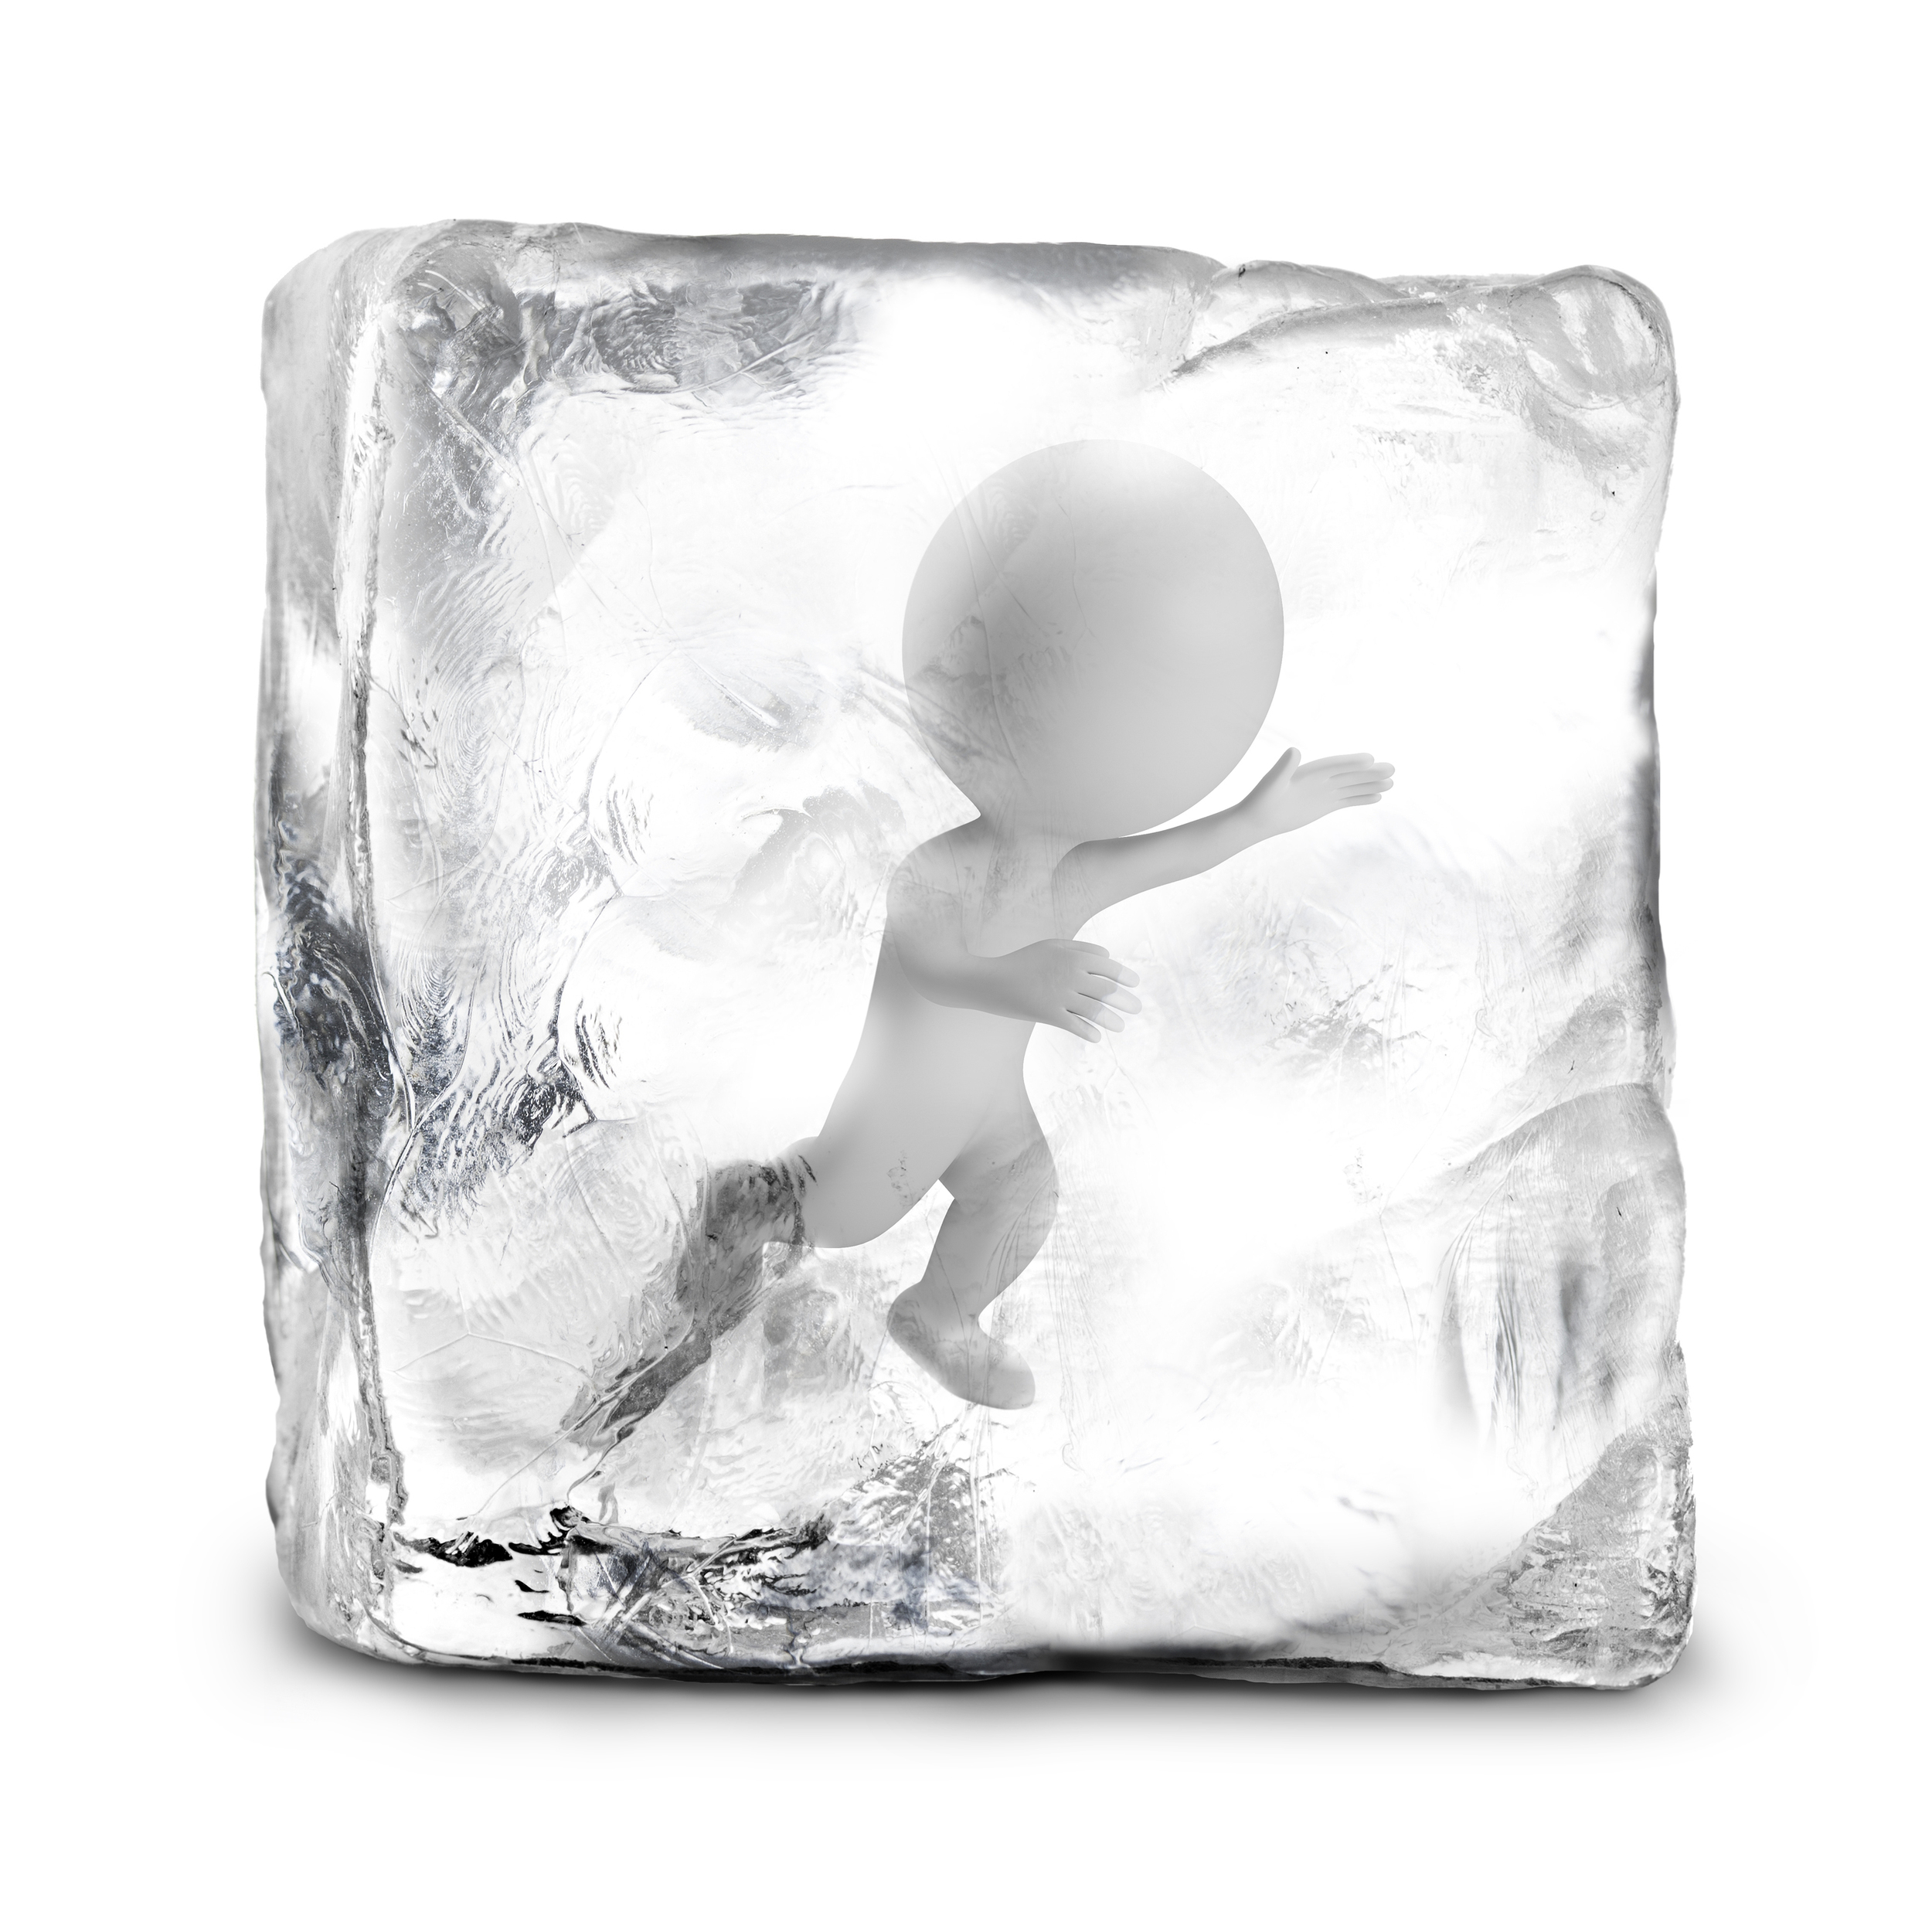 bigstock--D-Small-People--Frozen-39132958.jpg